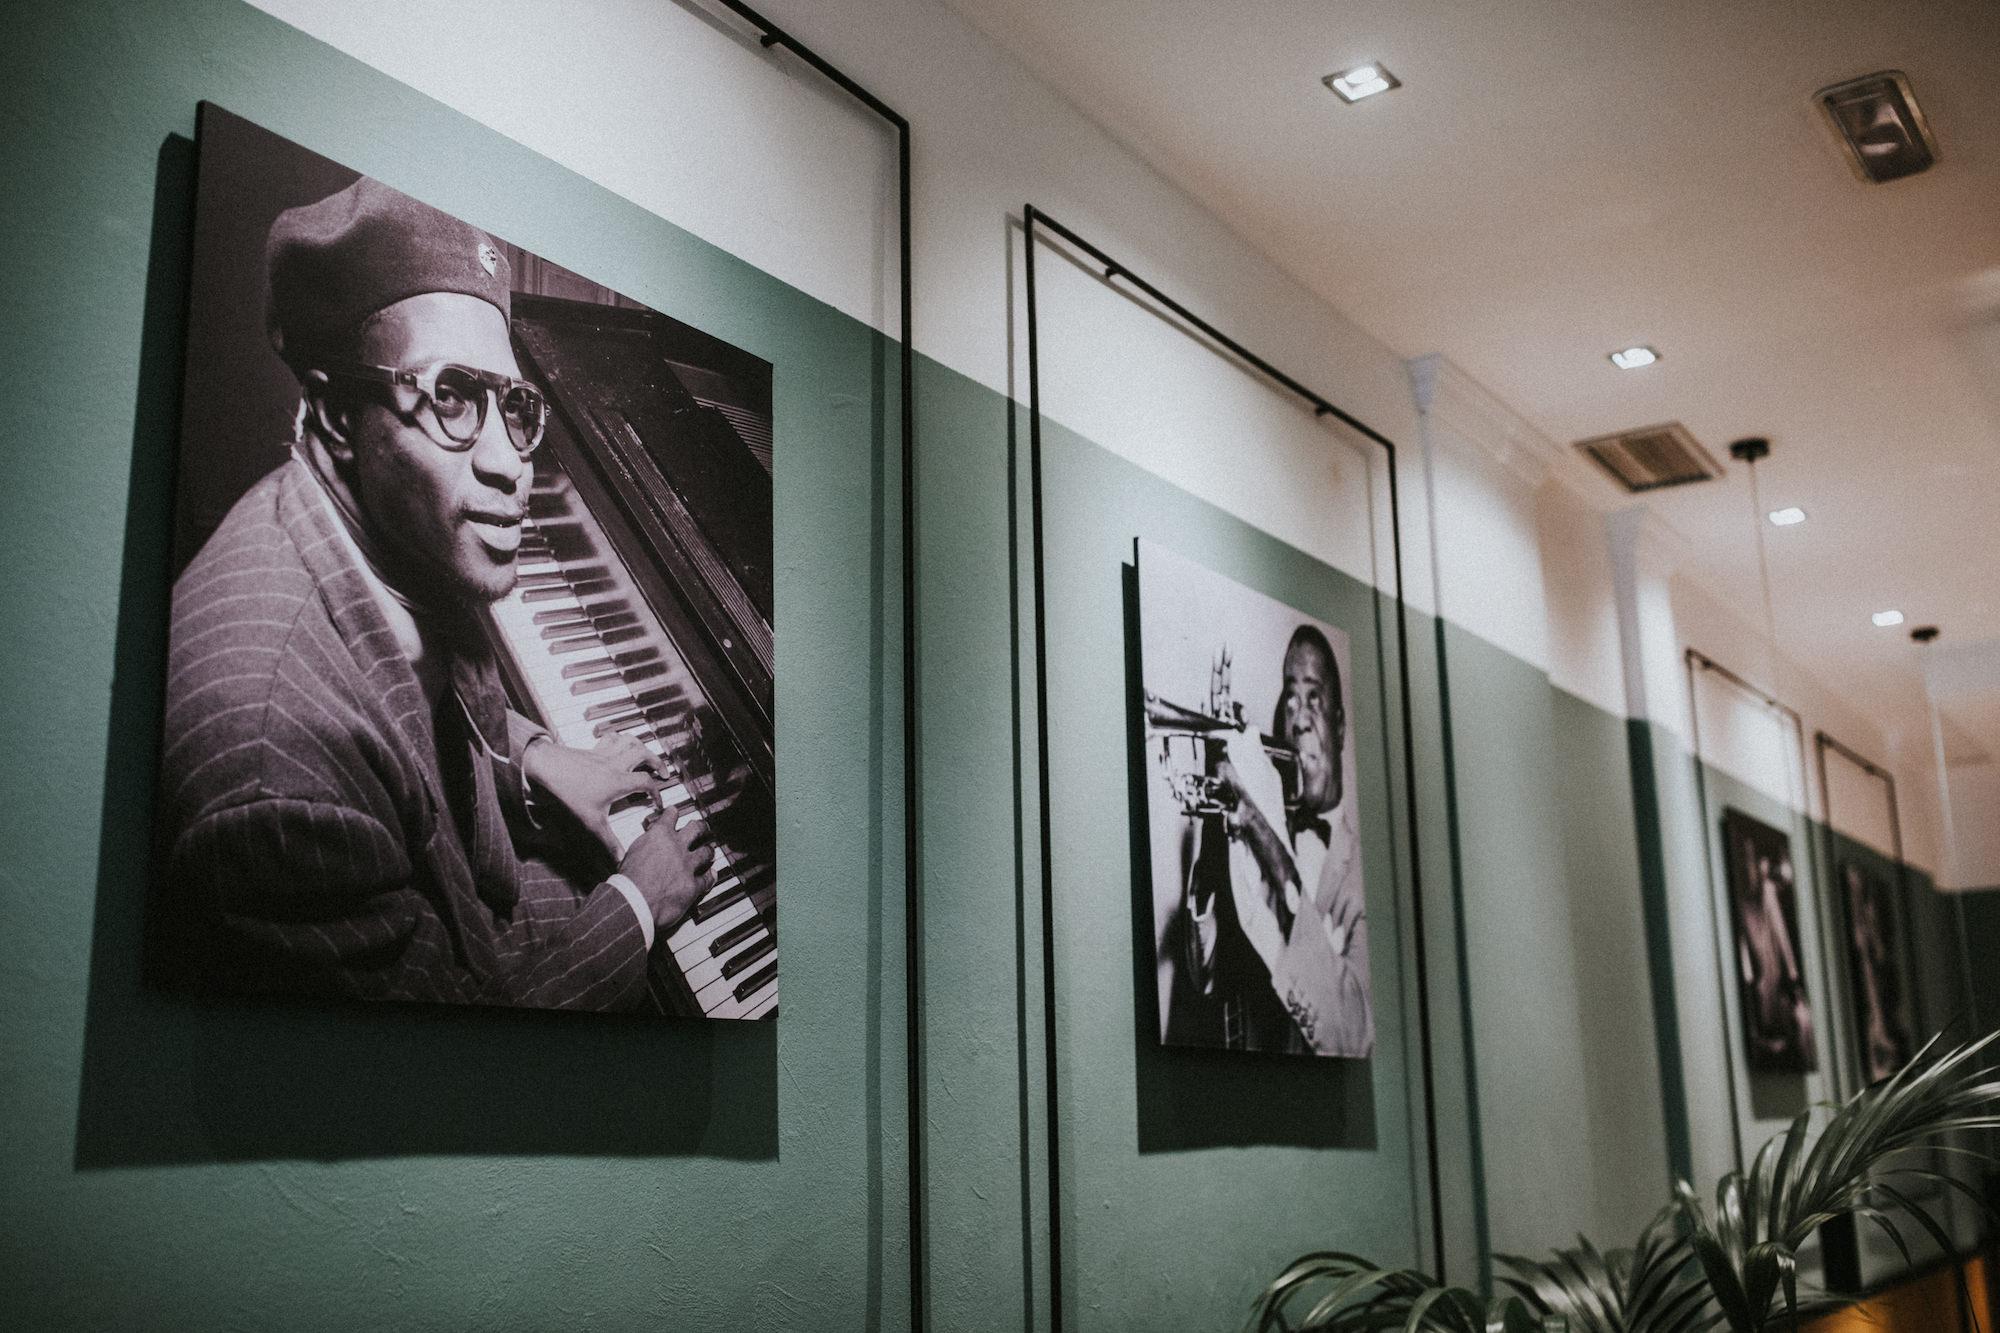 fotografo-comercial-las-palmas-gran-canaria-unbuenmomento-estudio-fotografico-restaurante-dpaso-51.jpg